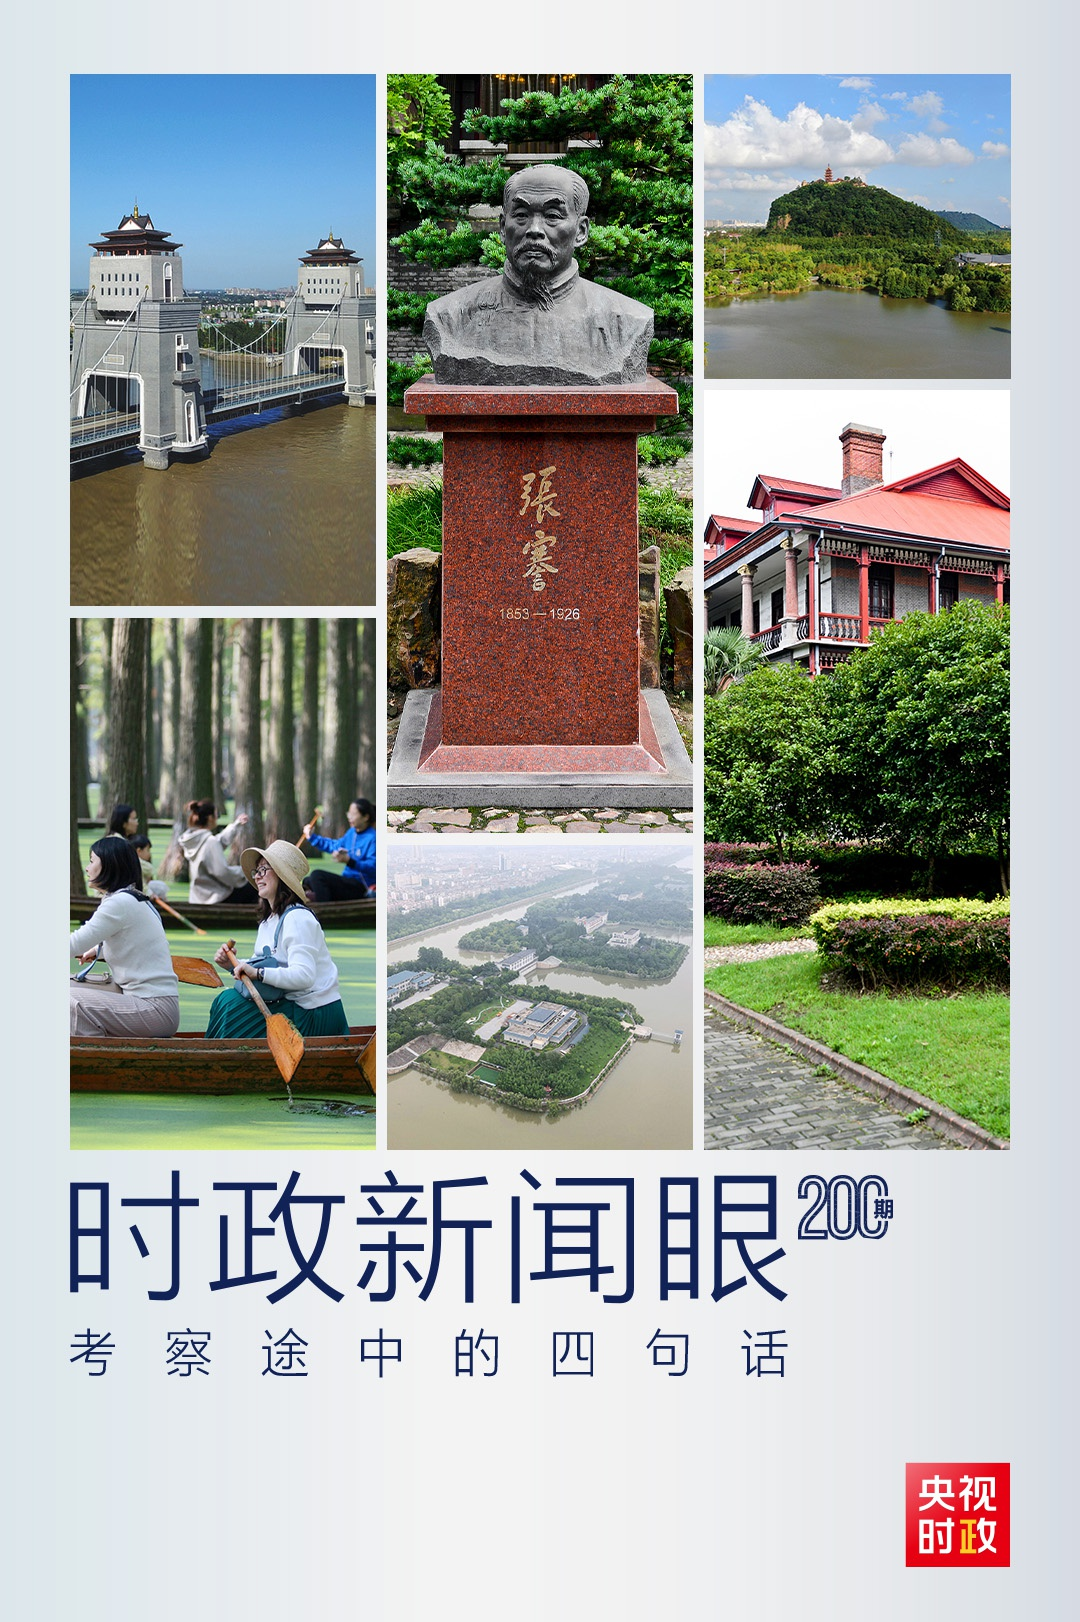 从考察途中的四句话 读懂习近平江苏之行图片